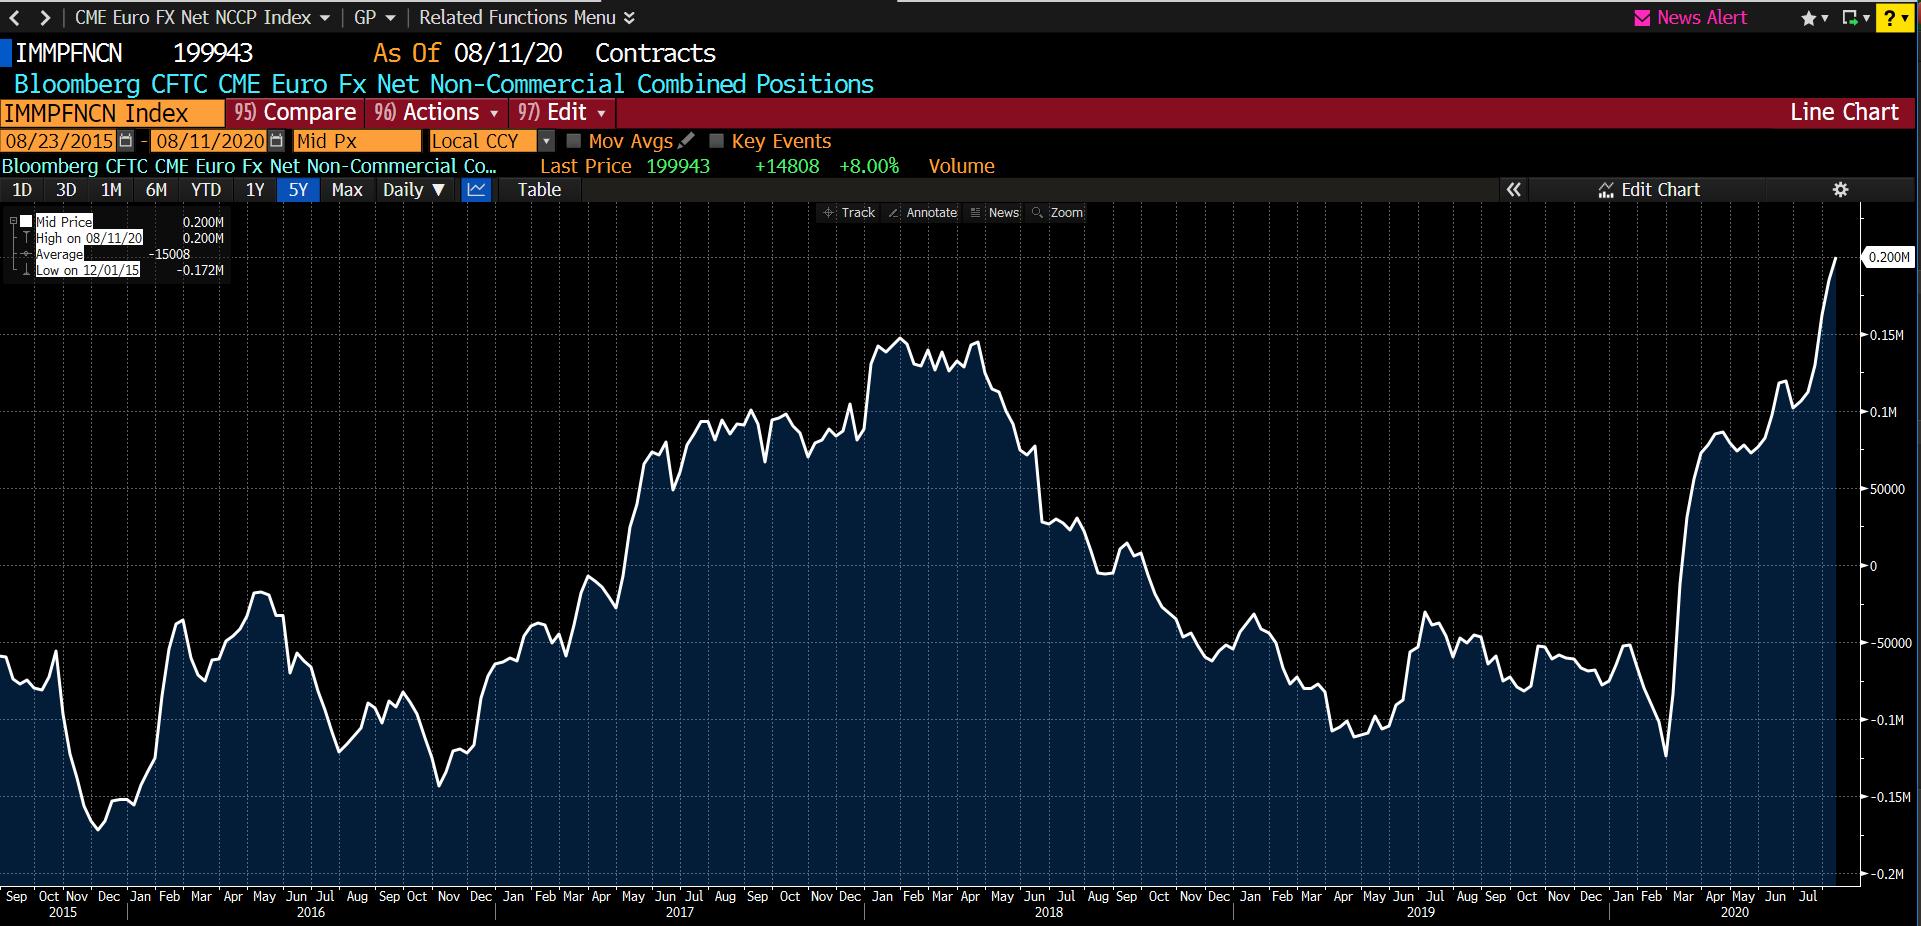 Vị thế Net Long Non-Commercial của EUR trên CFTC đang ở mức cao kỷ lục (Bloomberg)